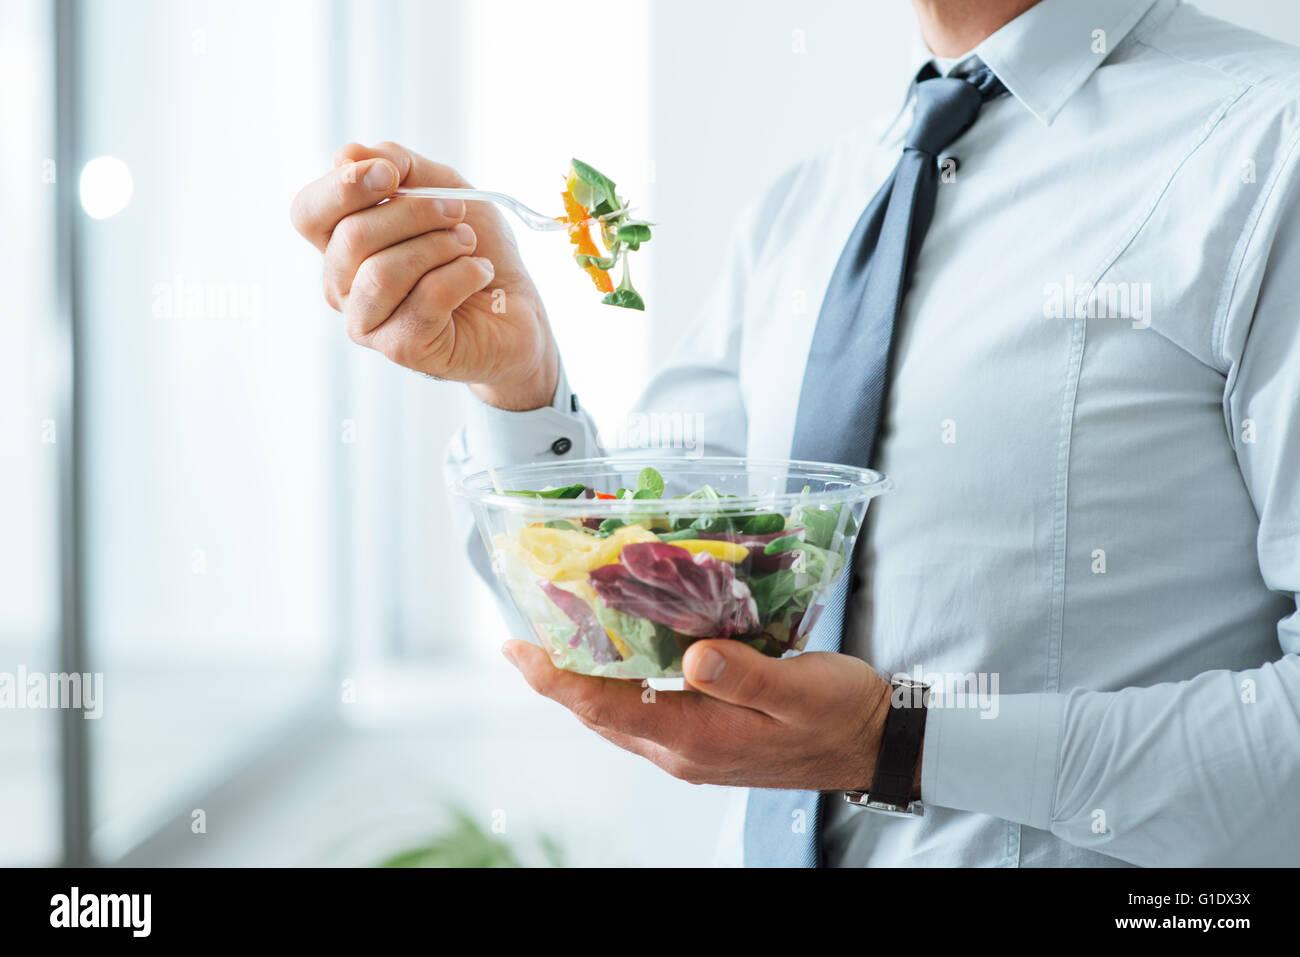 Geschäftsmann mit einem Gemüse-Salat zum Mittagessen, gesunde Ernährung und Lebensstil-Konzept, unerkennbar Stockbild